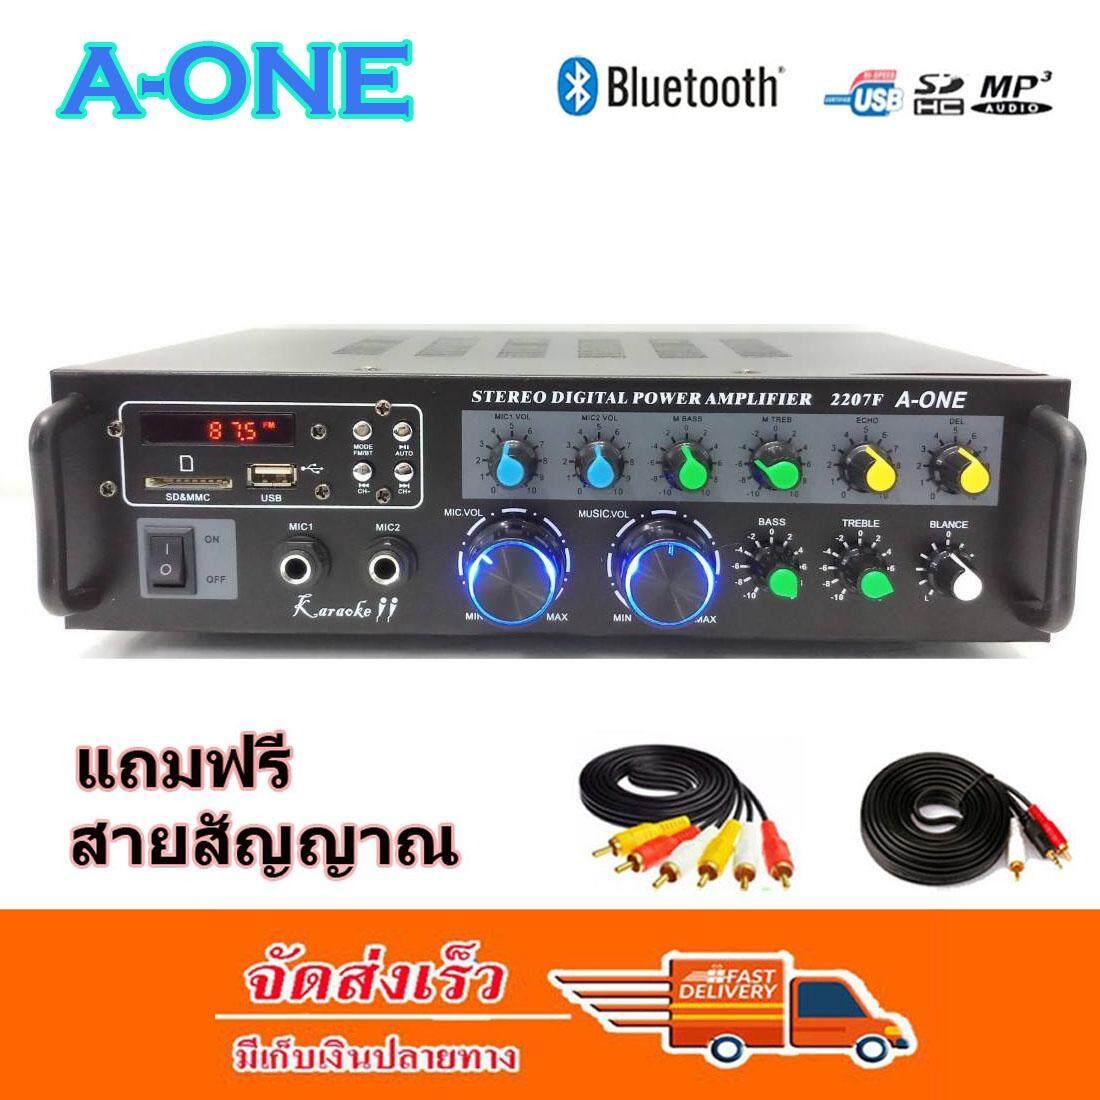 เครื่องแอมป์ขยายเสียง บลูทูธ Amplifier Ac/dc Bluetooth / Usb / Sdcard / Fm 120w (rms) รุ่น A-One 2207f แถมฟรี สายสัญญาณเสีย.